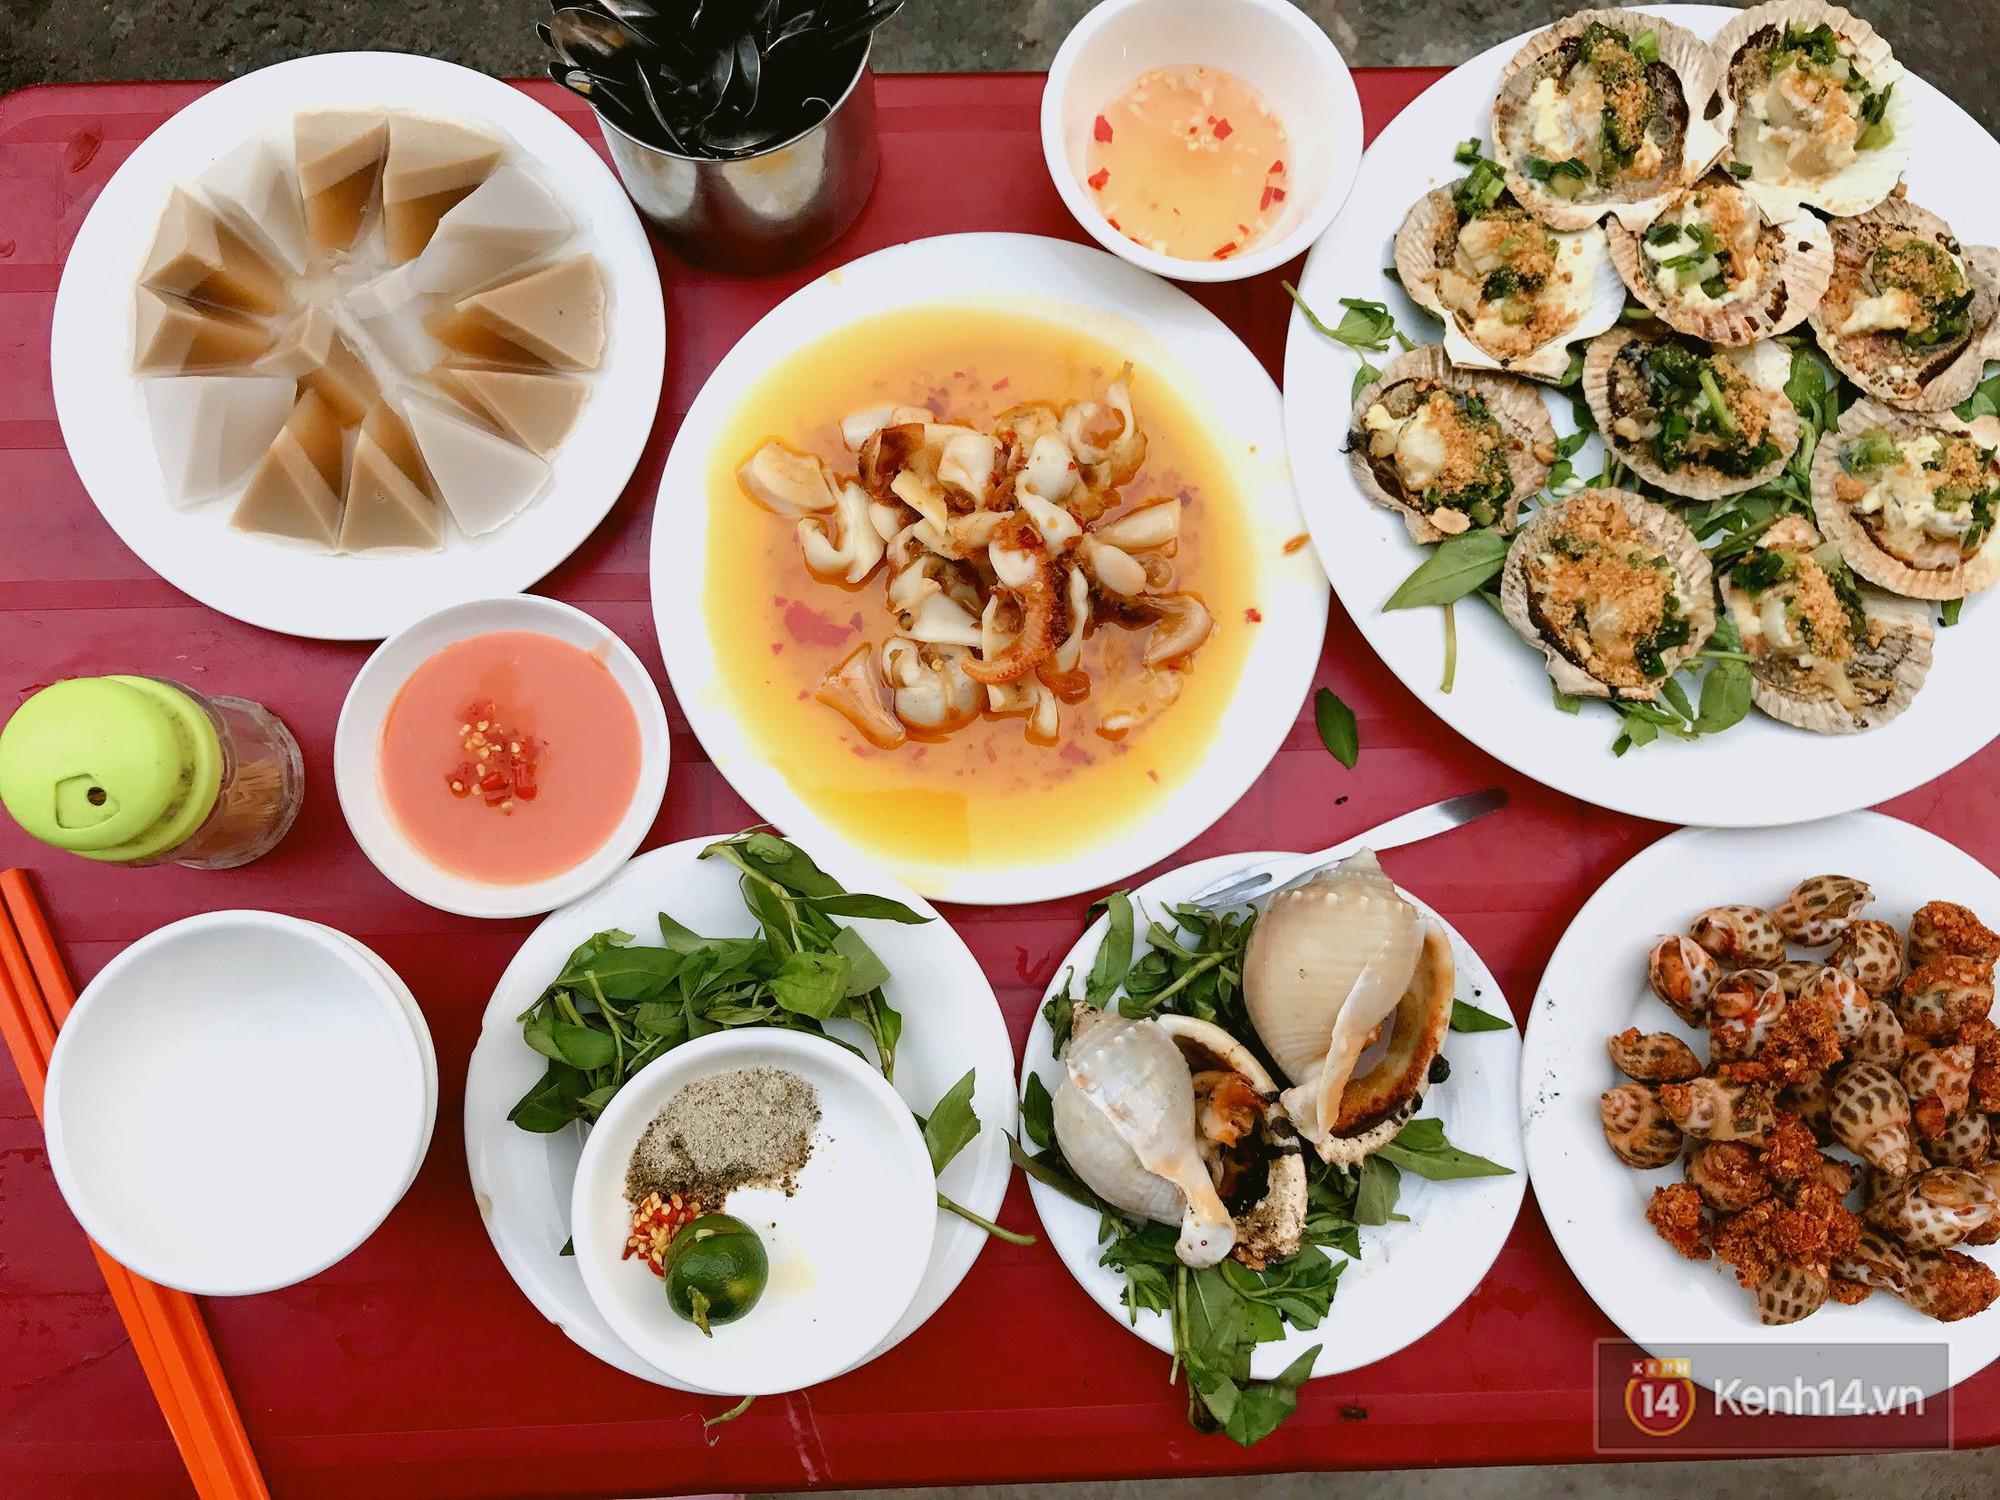 Không sợ bụng đói với hàng loạt địa điểm ăn uống tại Sài Gòn (Ốc Loan)